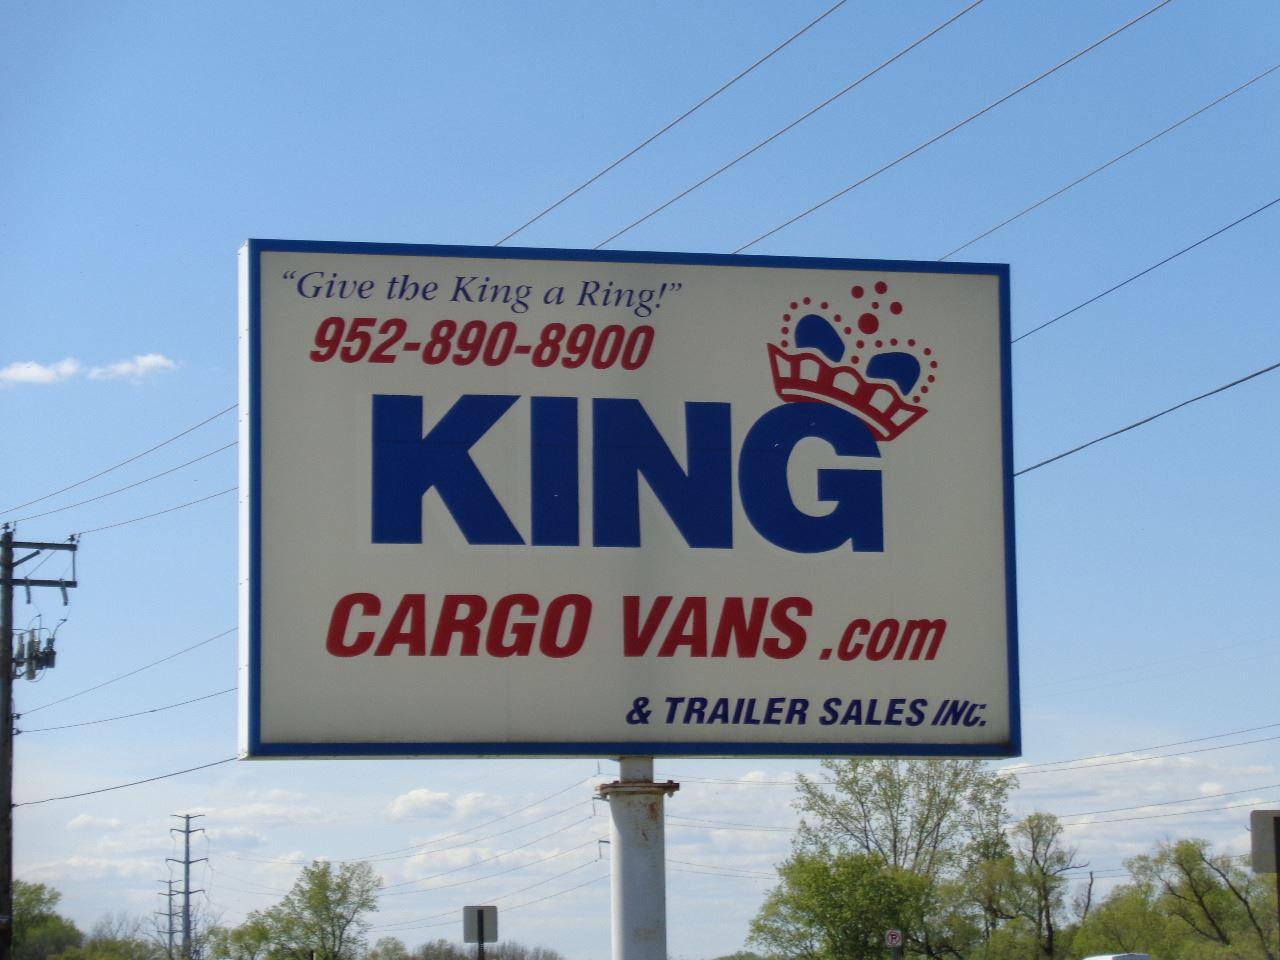 King Cargo Vans Inc.